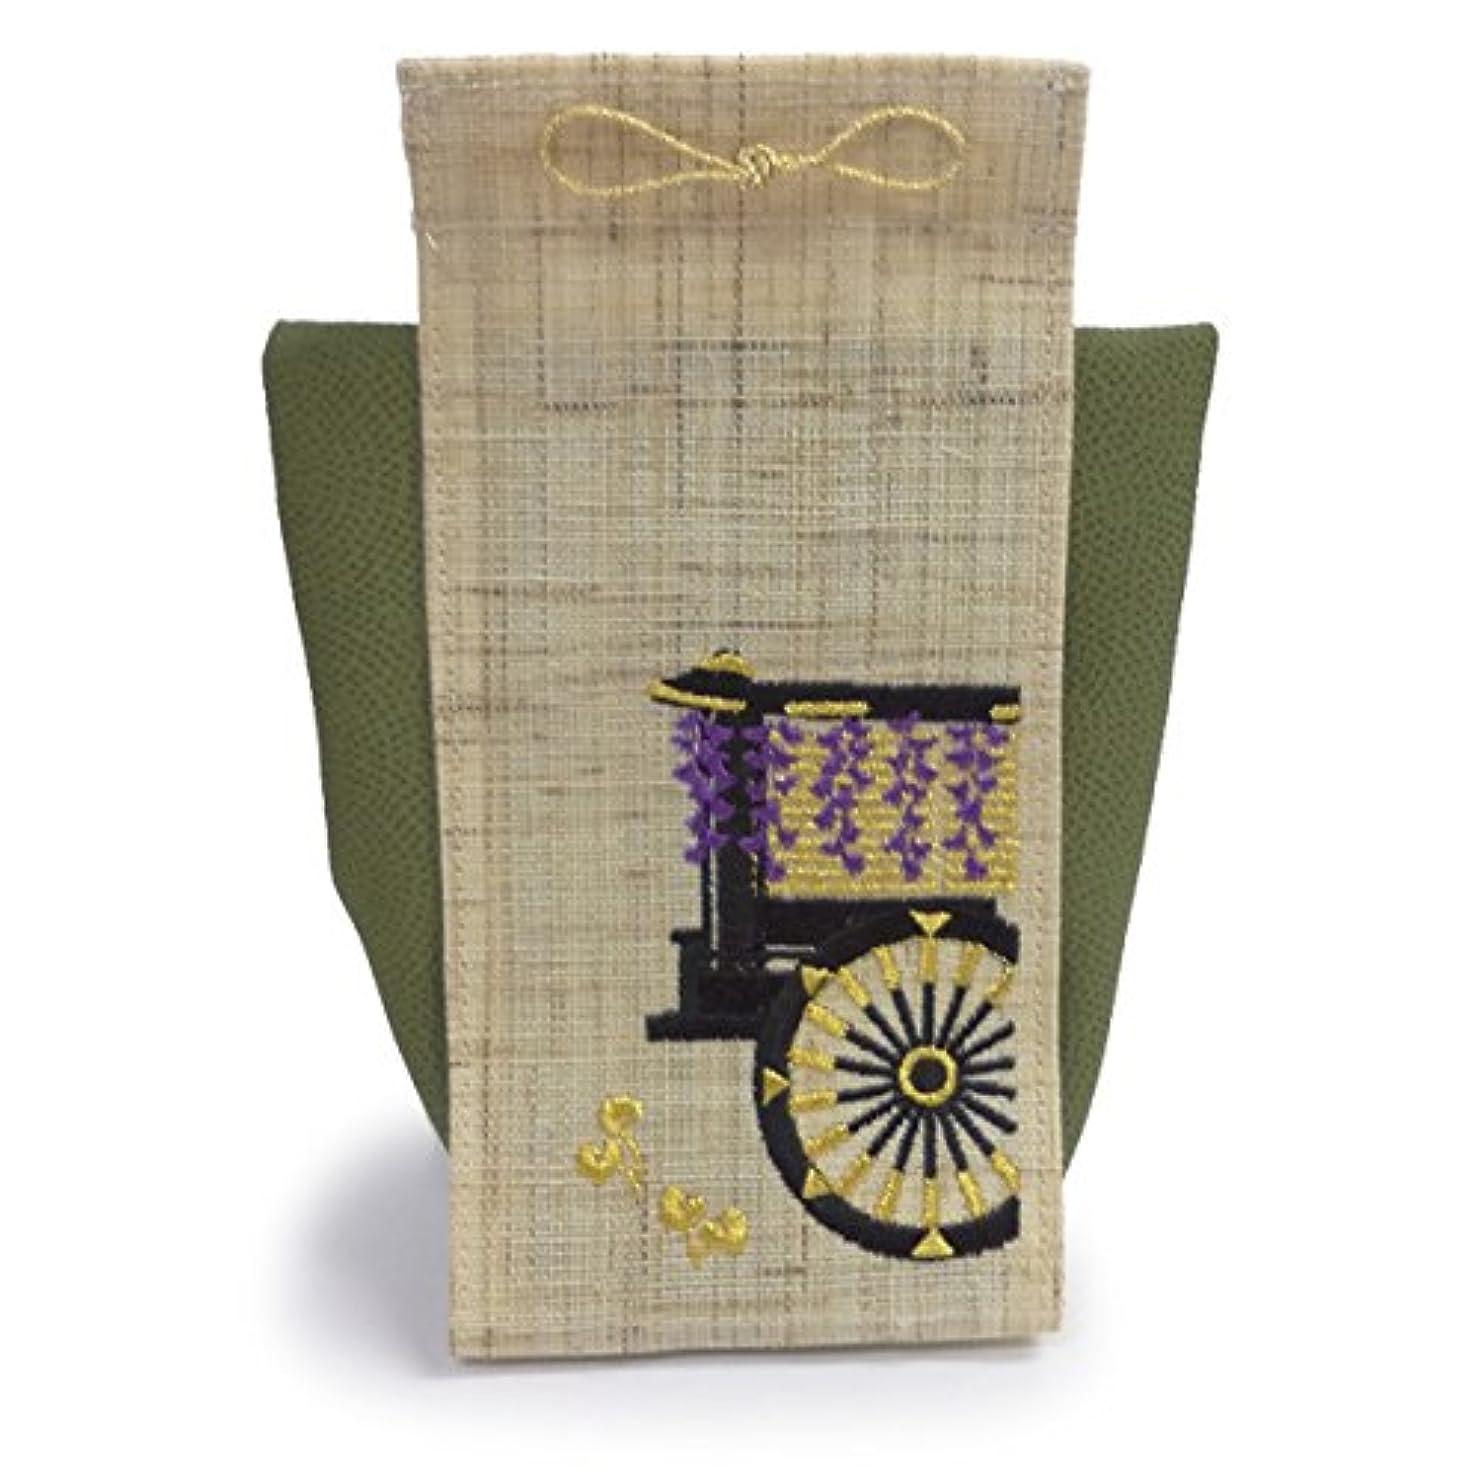 周り黒板征服する香飾り 京の風物詩 葵祭